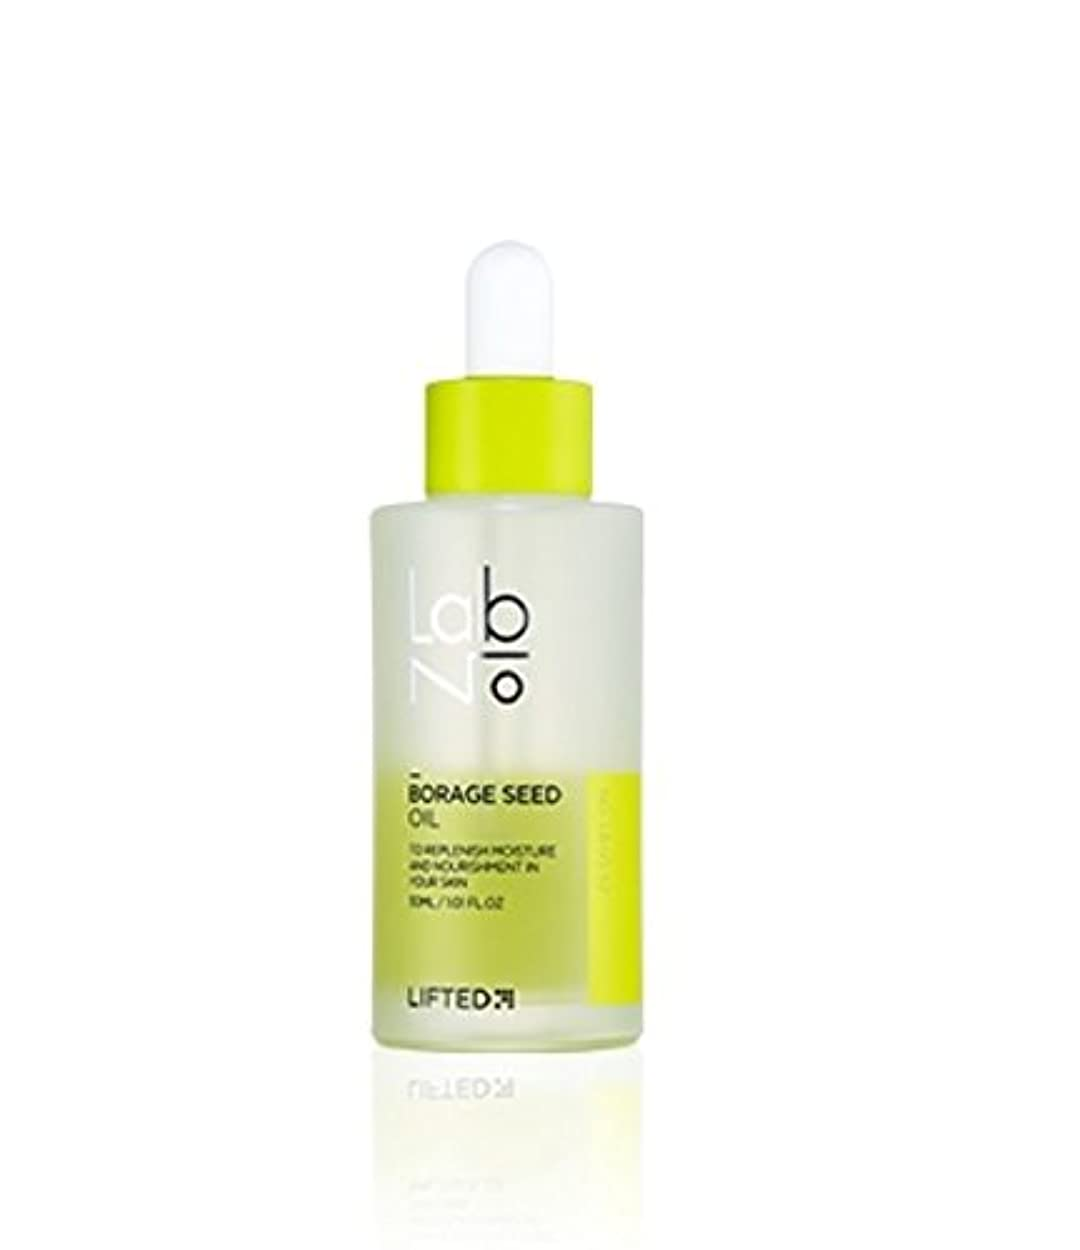 導入する極めてギャングLabNo リフティッド ボリジ シード オイル / Labno Lifted Borage Seed Oil (30ml) [並行輸入品]